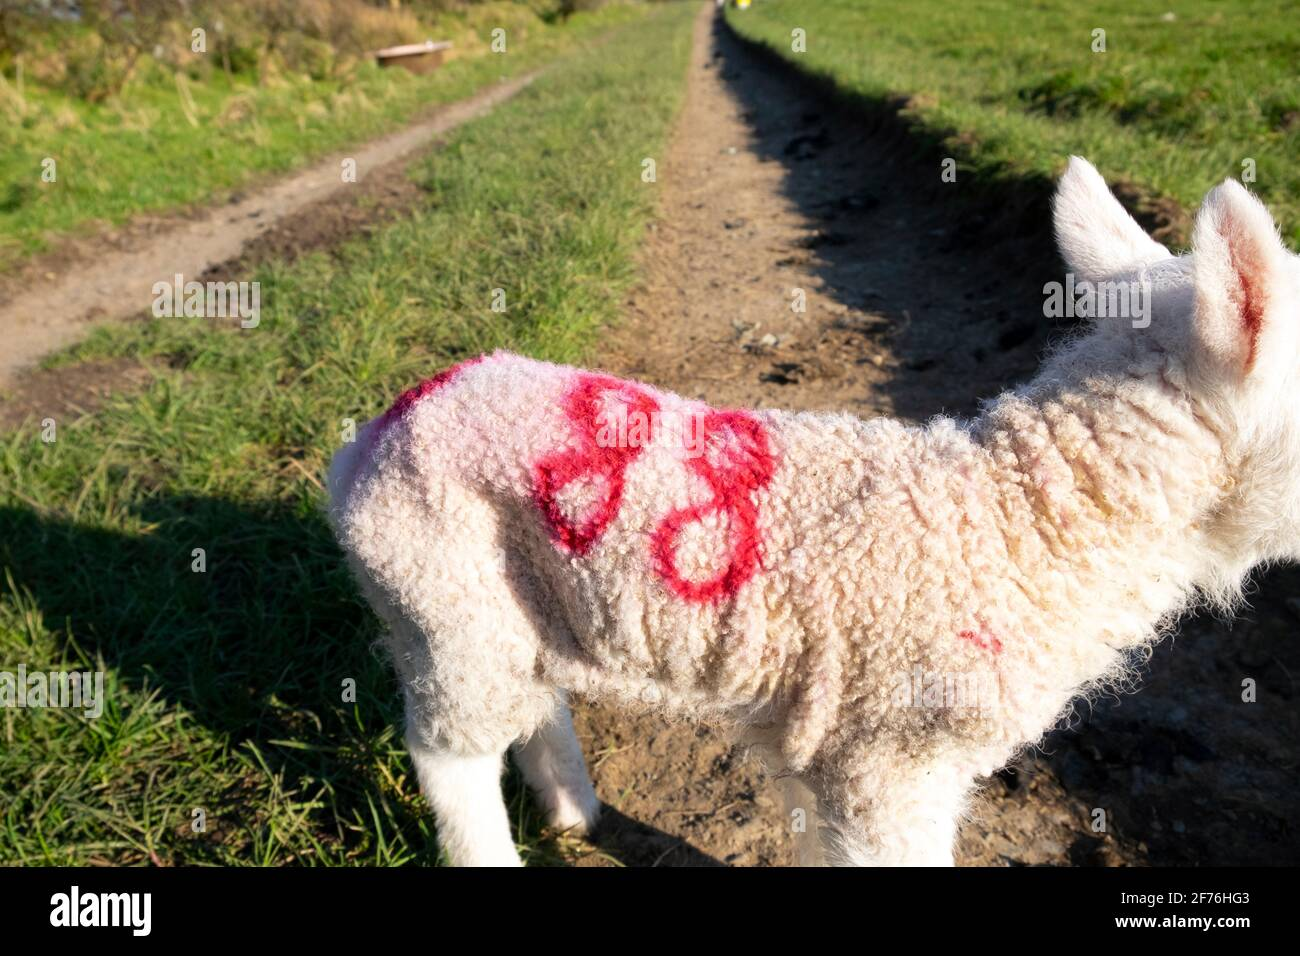 Agnello neonato con il numero 88 spruzzato in rosso è cappotto di lana in piedi da solo su una pista durante l'agnello Nel Galles del Carmarthenshshire Regno Unito KATHY DEWITT Foto Stock